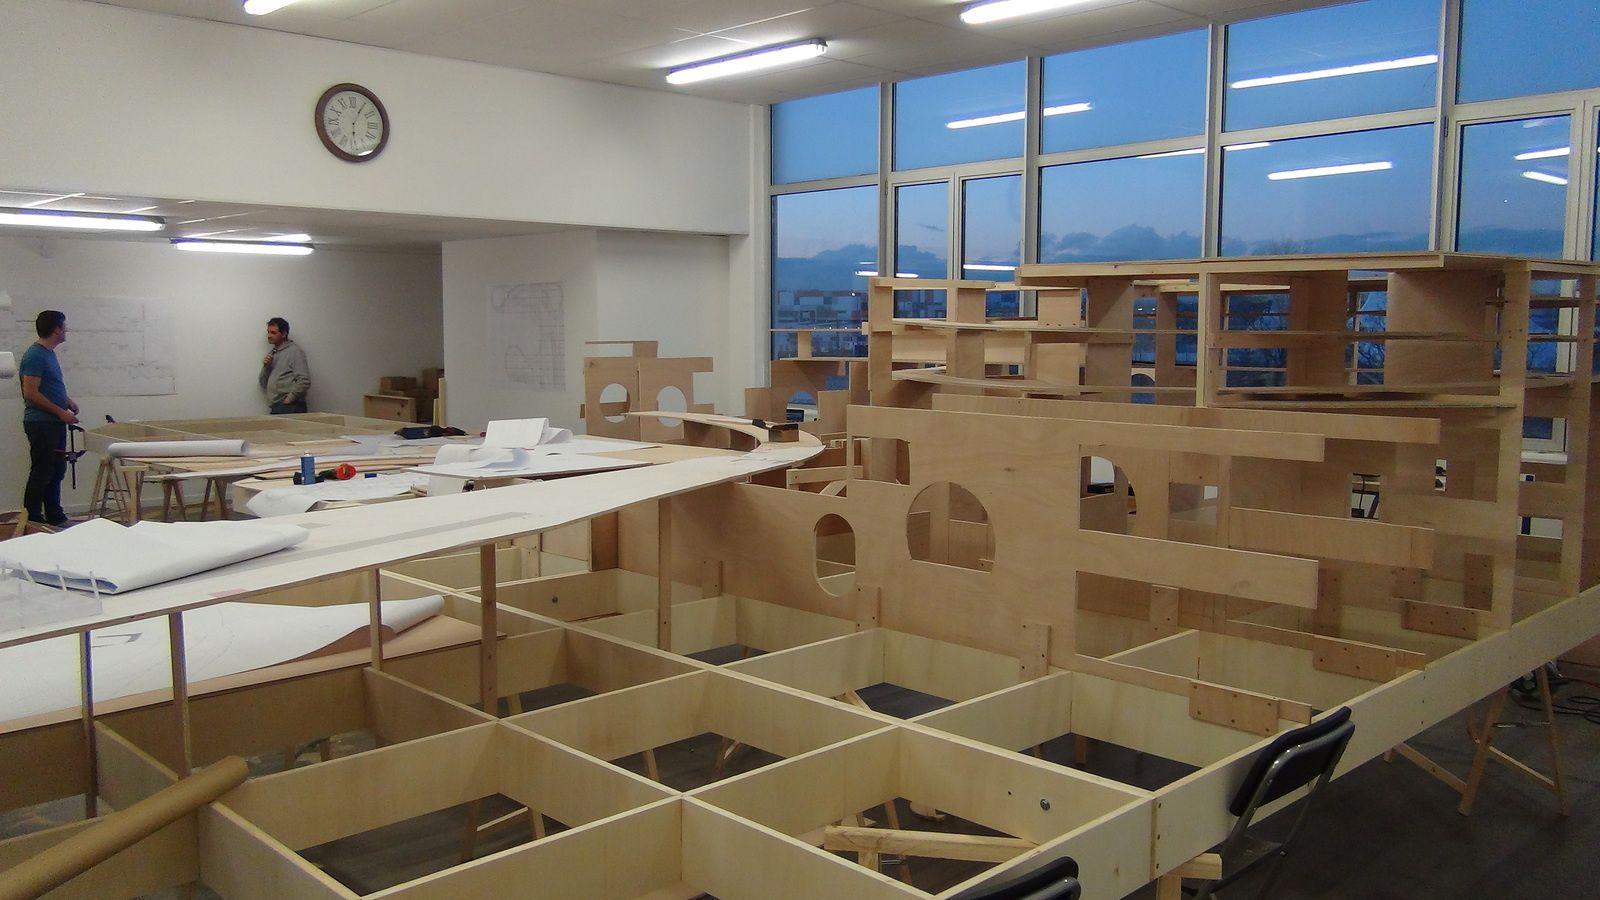 Construction de la partie gauche de la ville - 7 Février 2014 Mini World Lyon